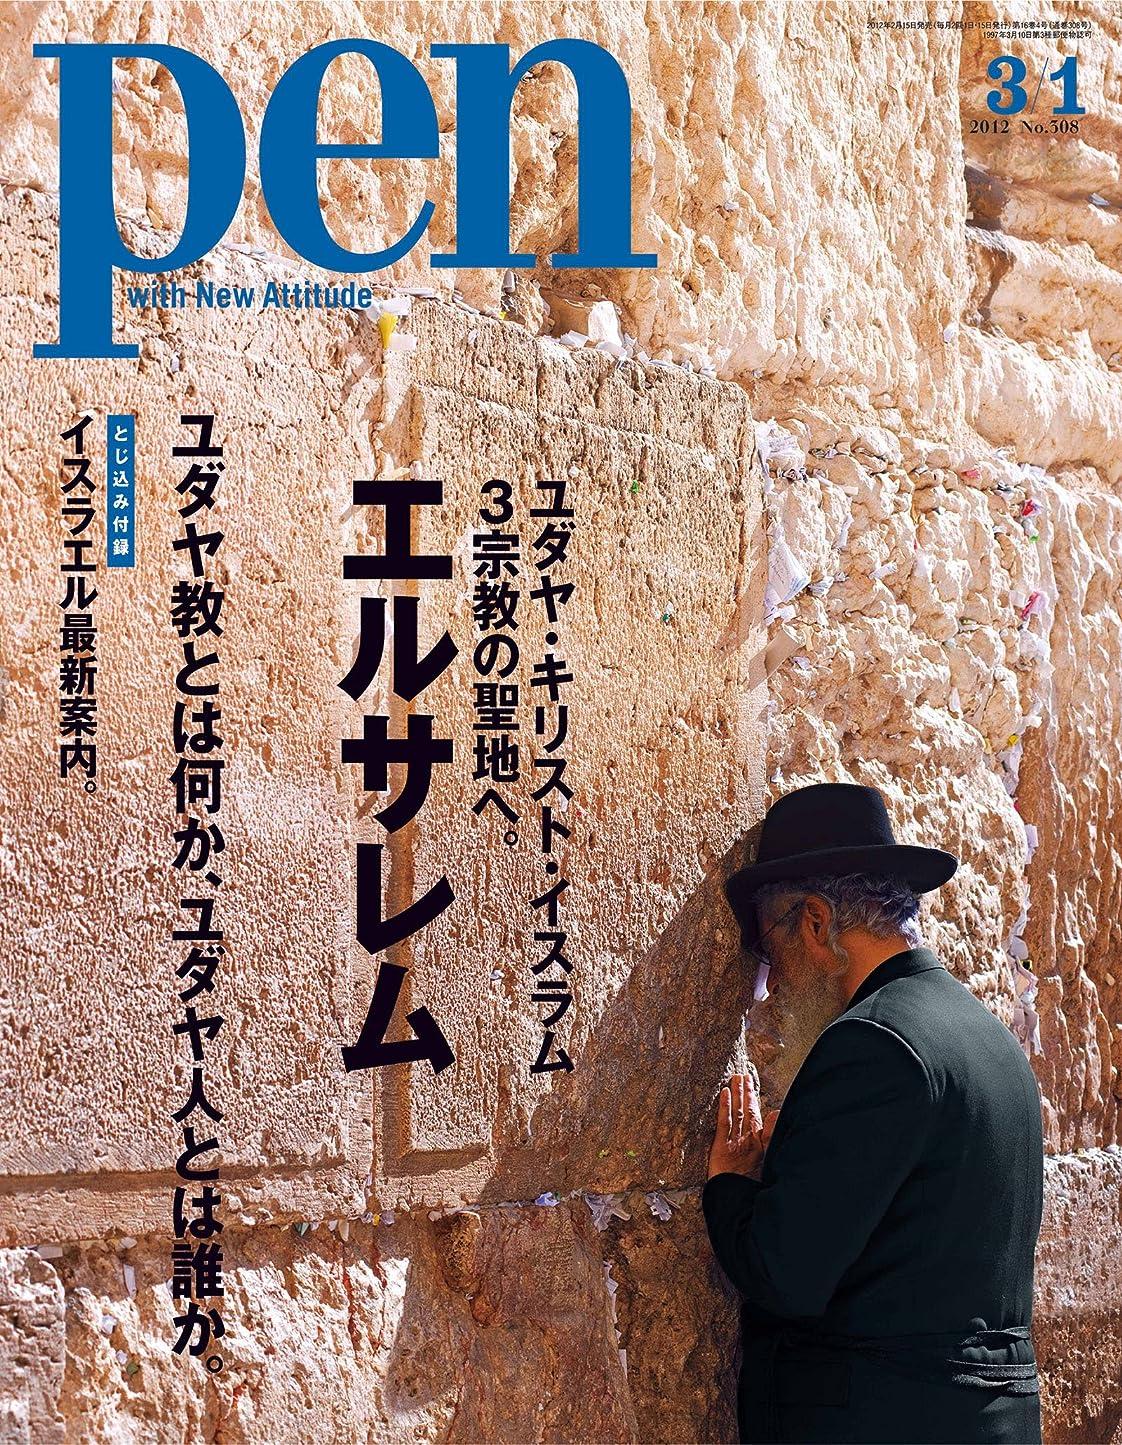 店員ダイヤモンドレキシコンPen (ペン) 2012年 3/1号 [雑誌]